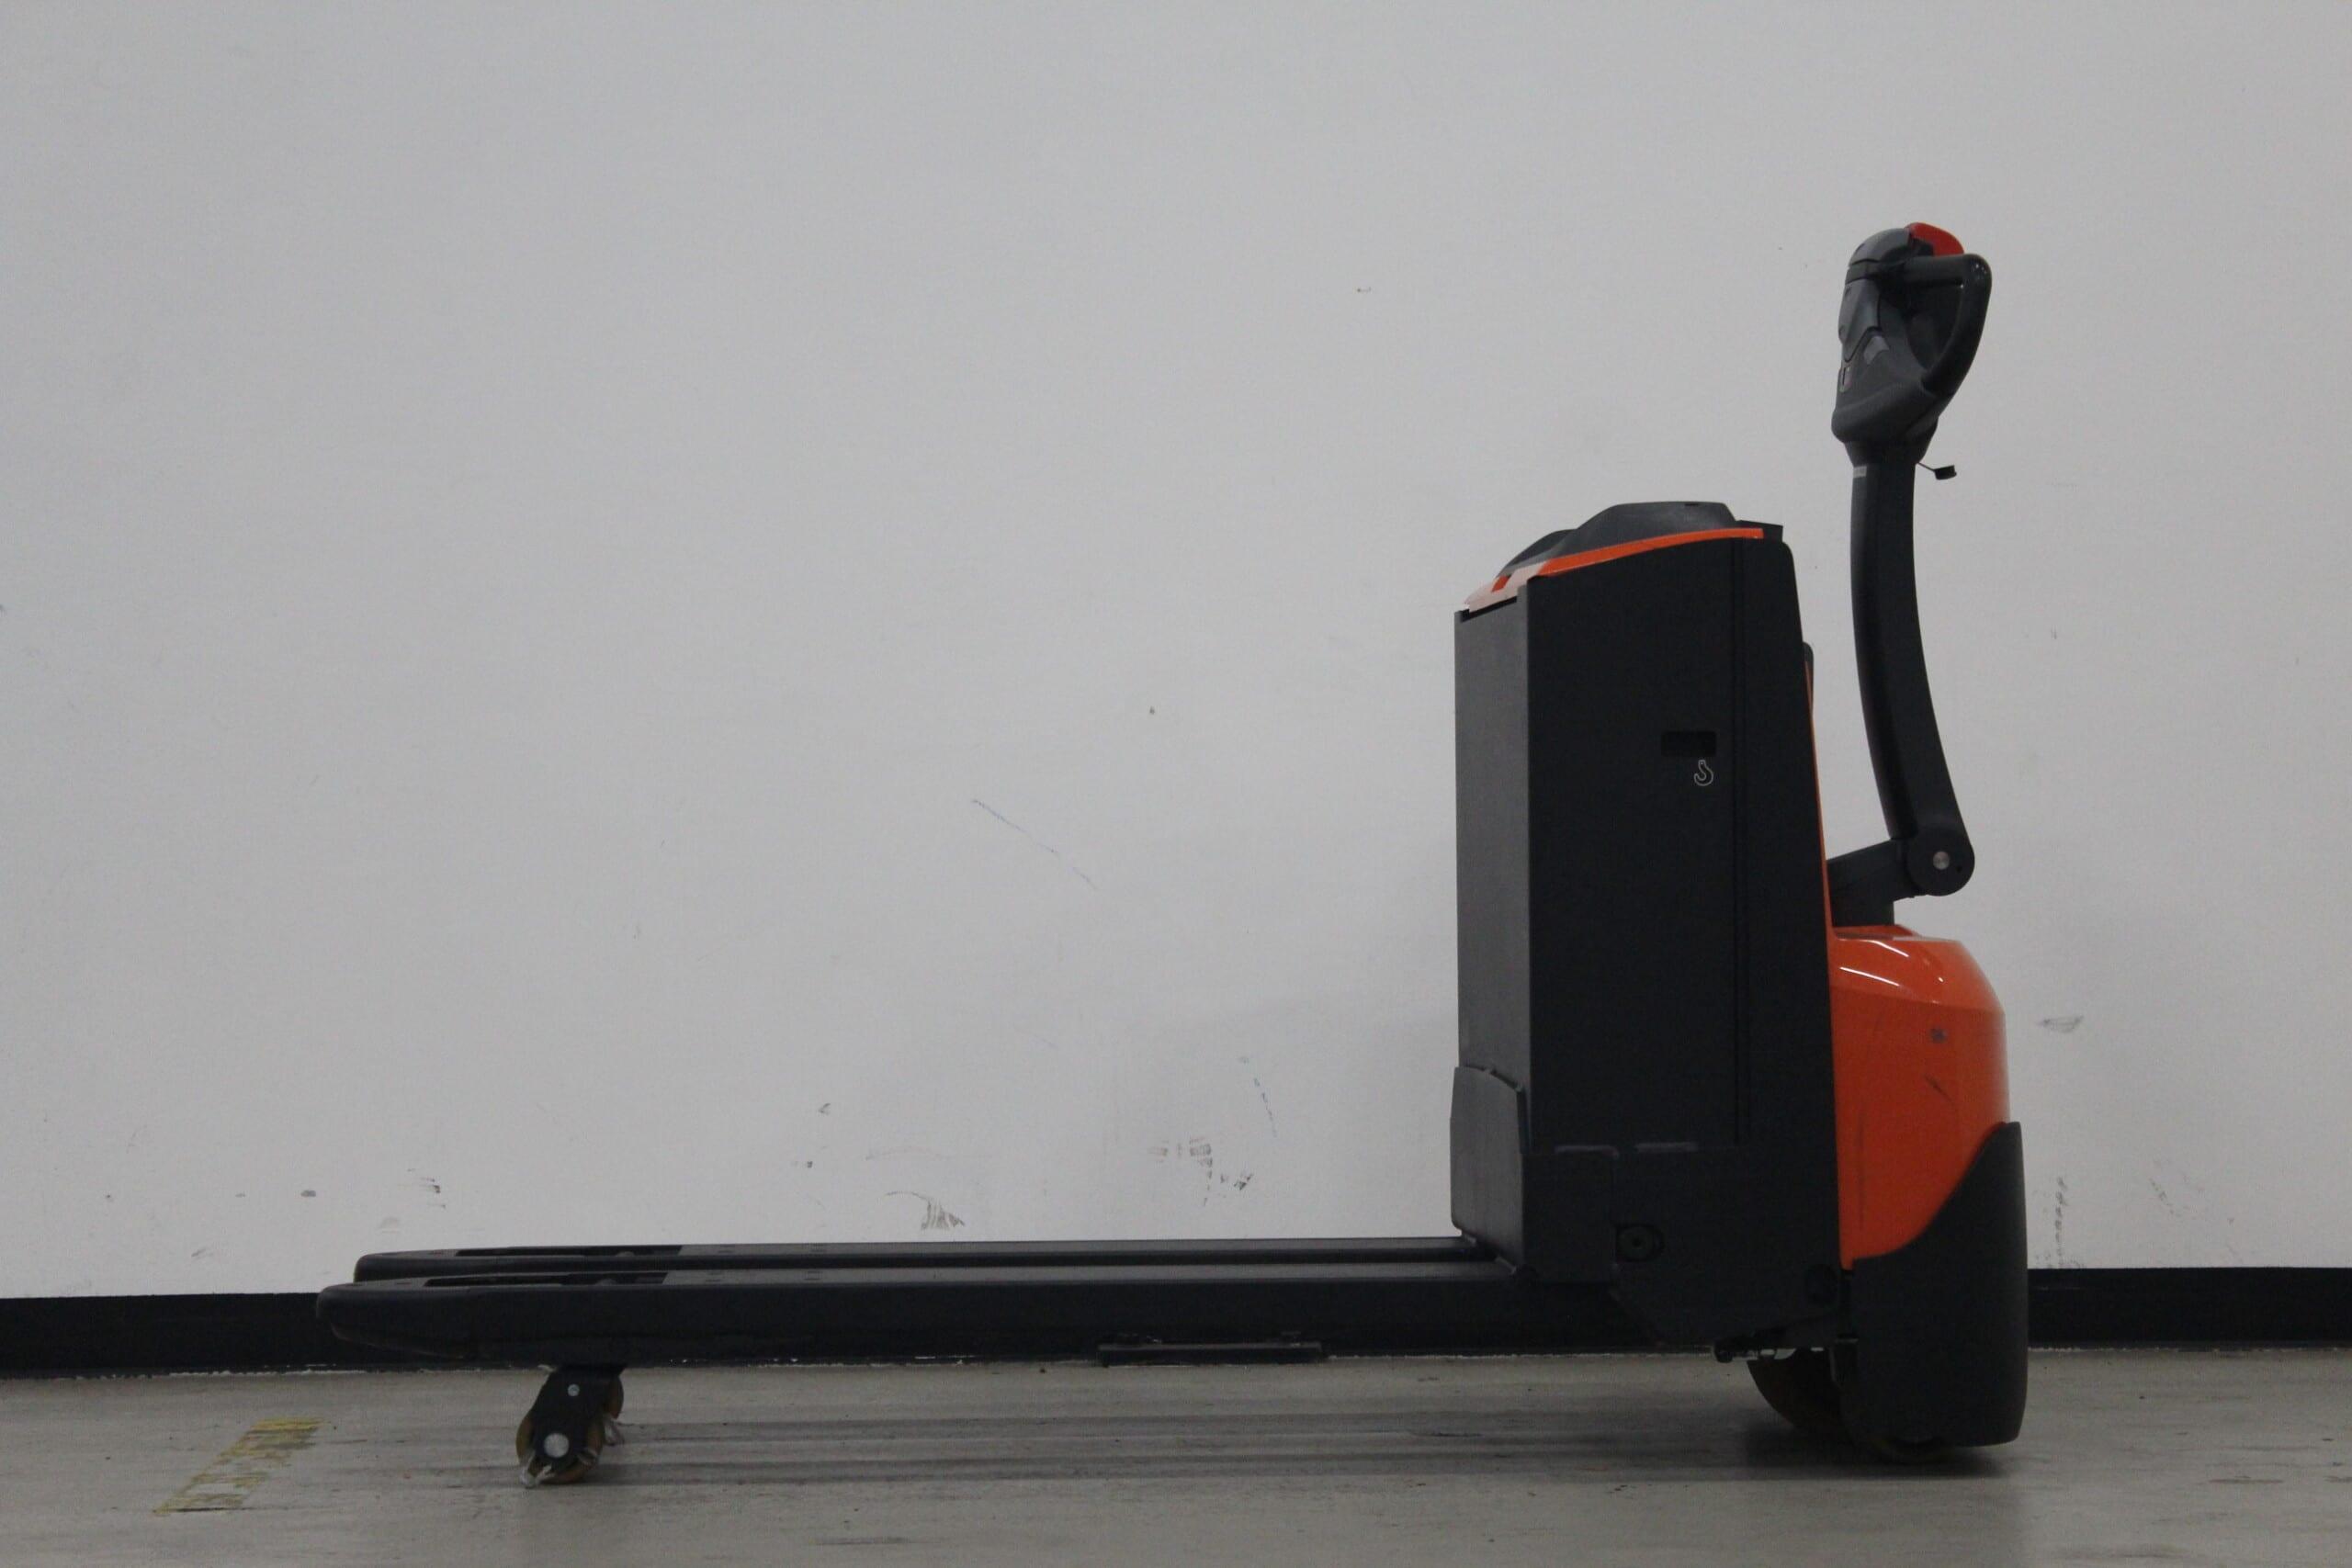 Toyota-Gabelstapler-59840 1912002977 1 scaled